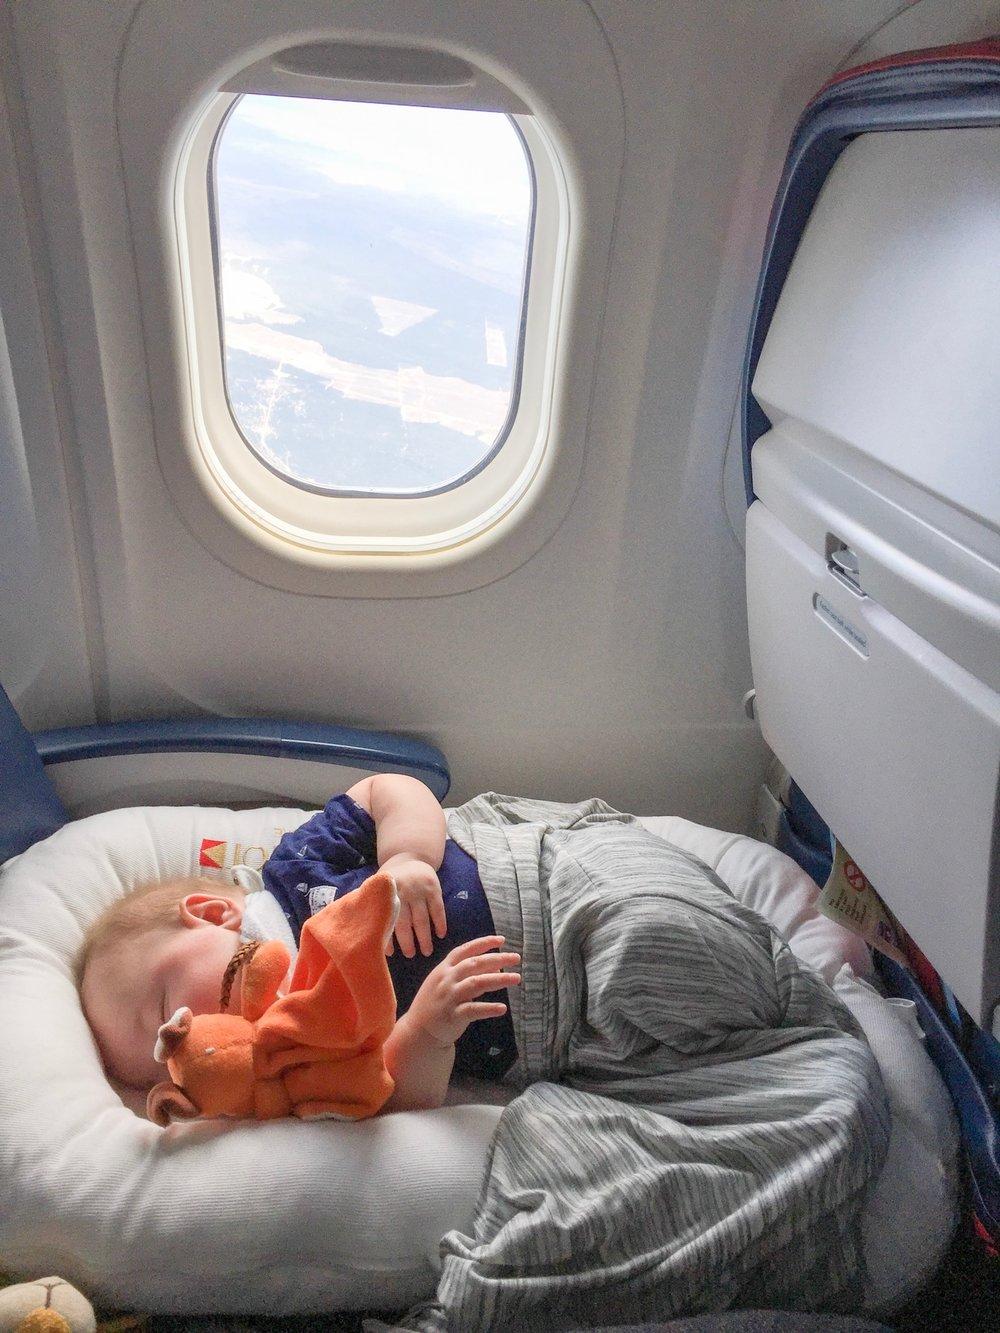 Chuẩn bị kỹ càng trước khi lên máy bay sẽ giúp bạn và em bé có một chuyến bay suôn sẻ và thoải mái